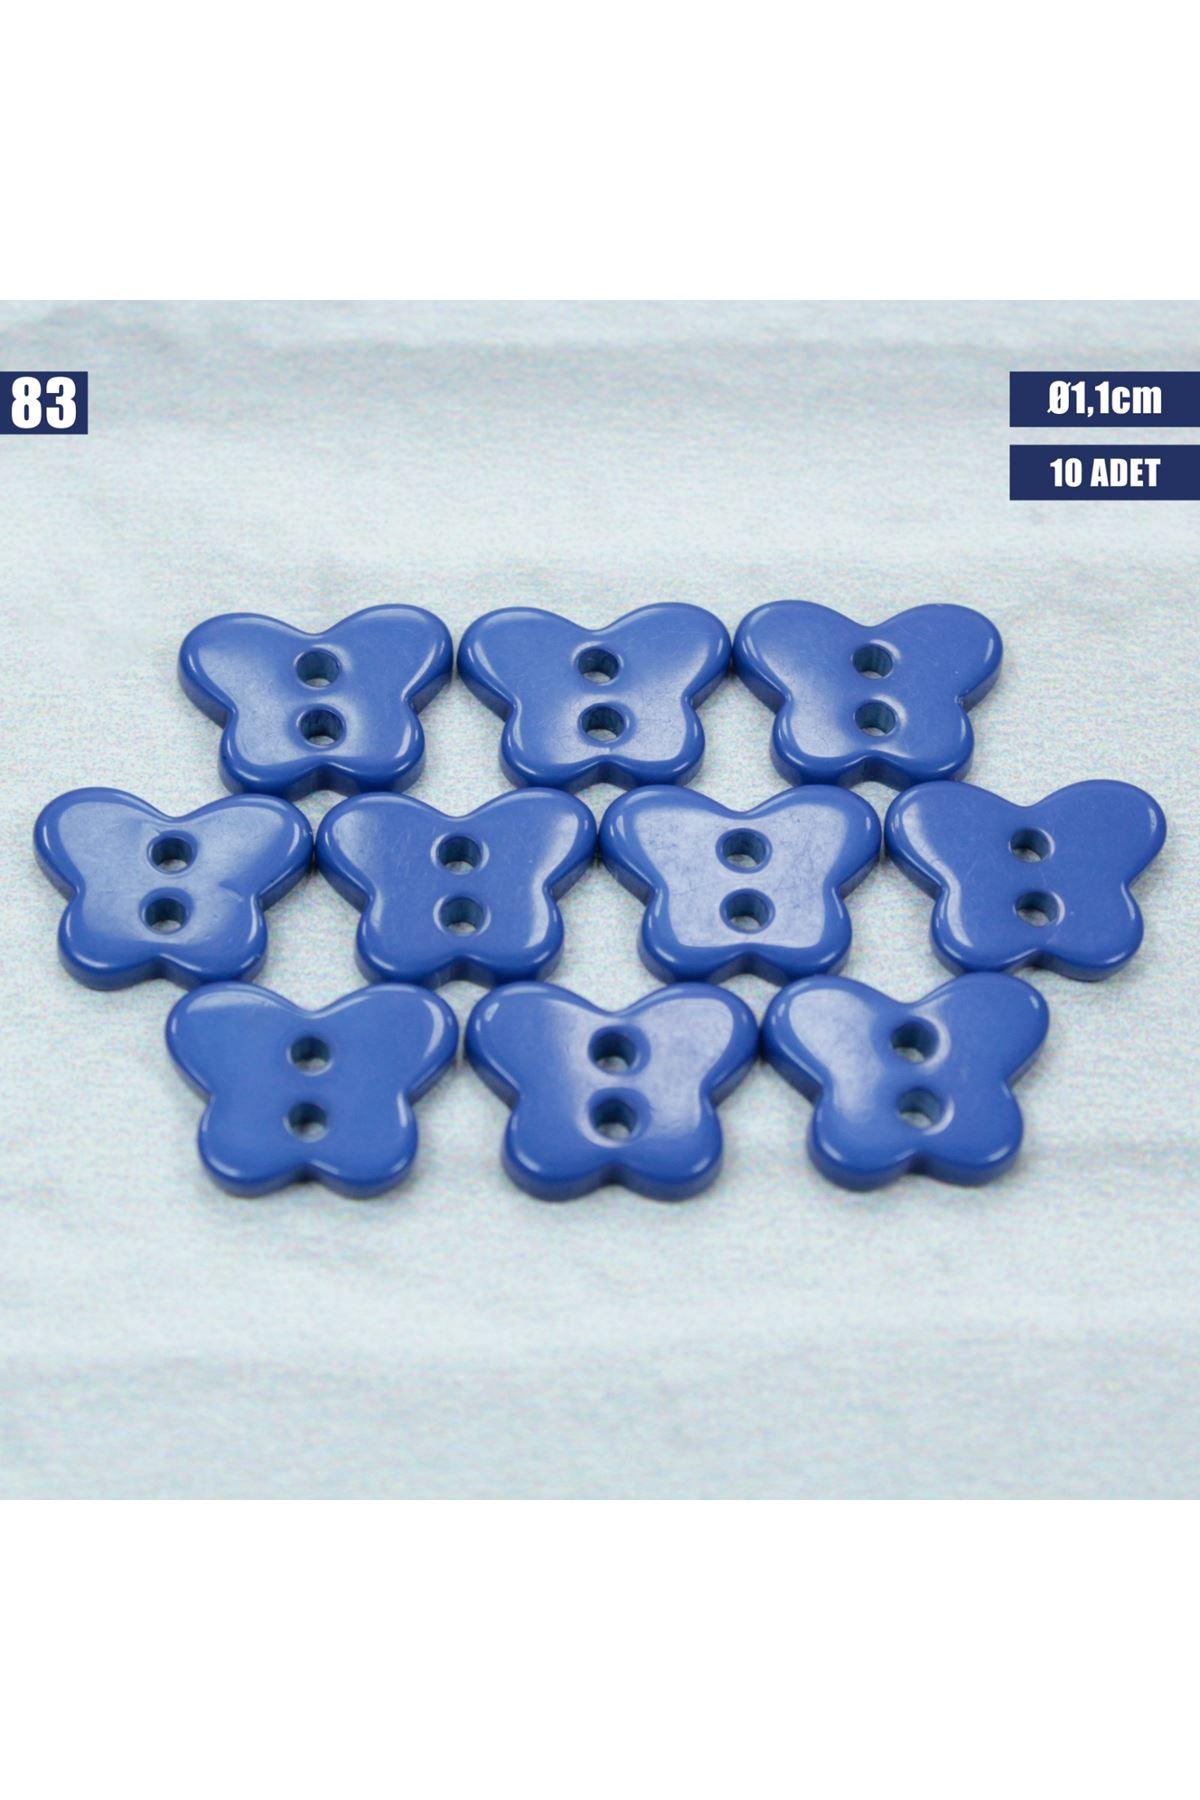 Amigurumi Düğmesi Ø 1,1cm - 83